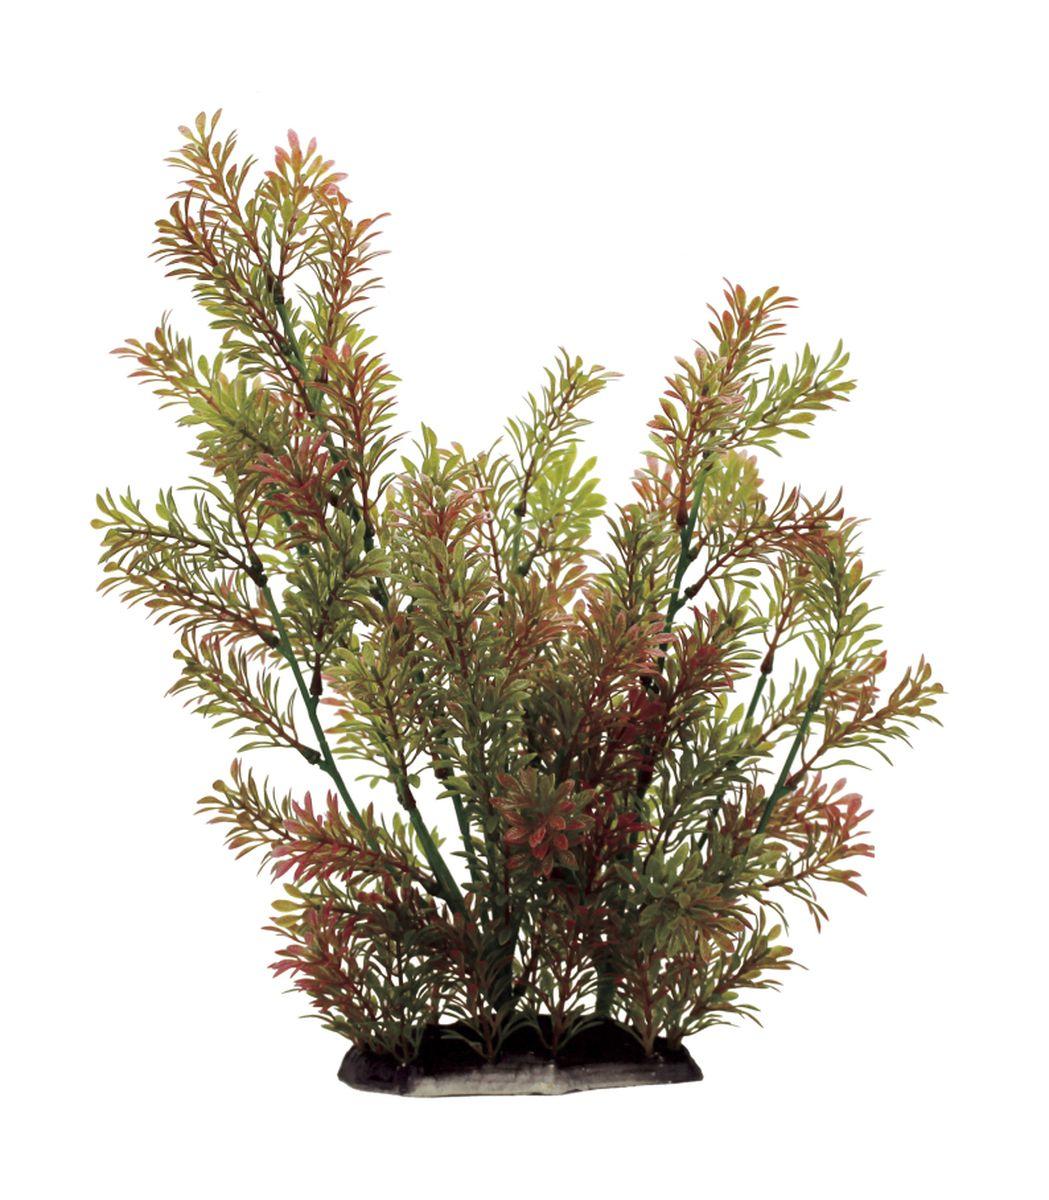 Растение для аквариума ArtUniq Ротала индийская, высота 35 смART-1130106Растение для аквариума ArtUniq Ротала индийская, высота 35 см